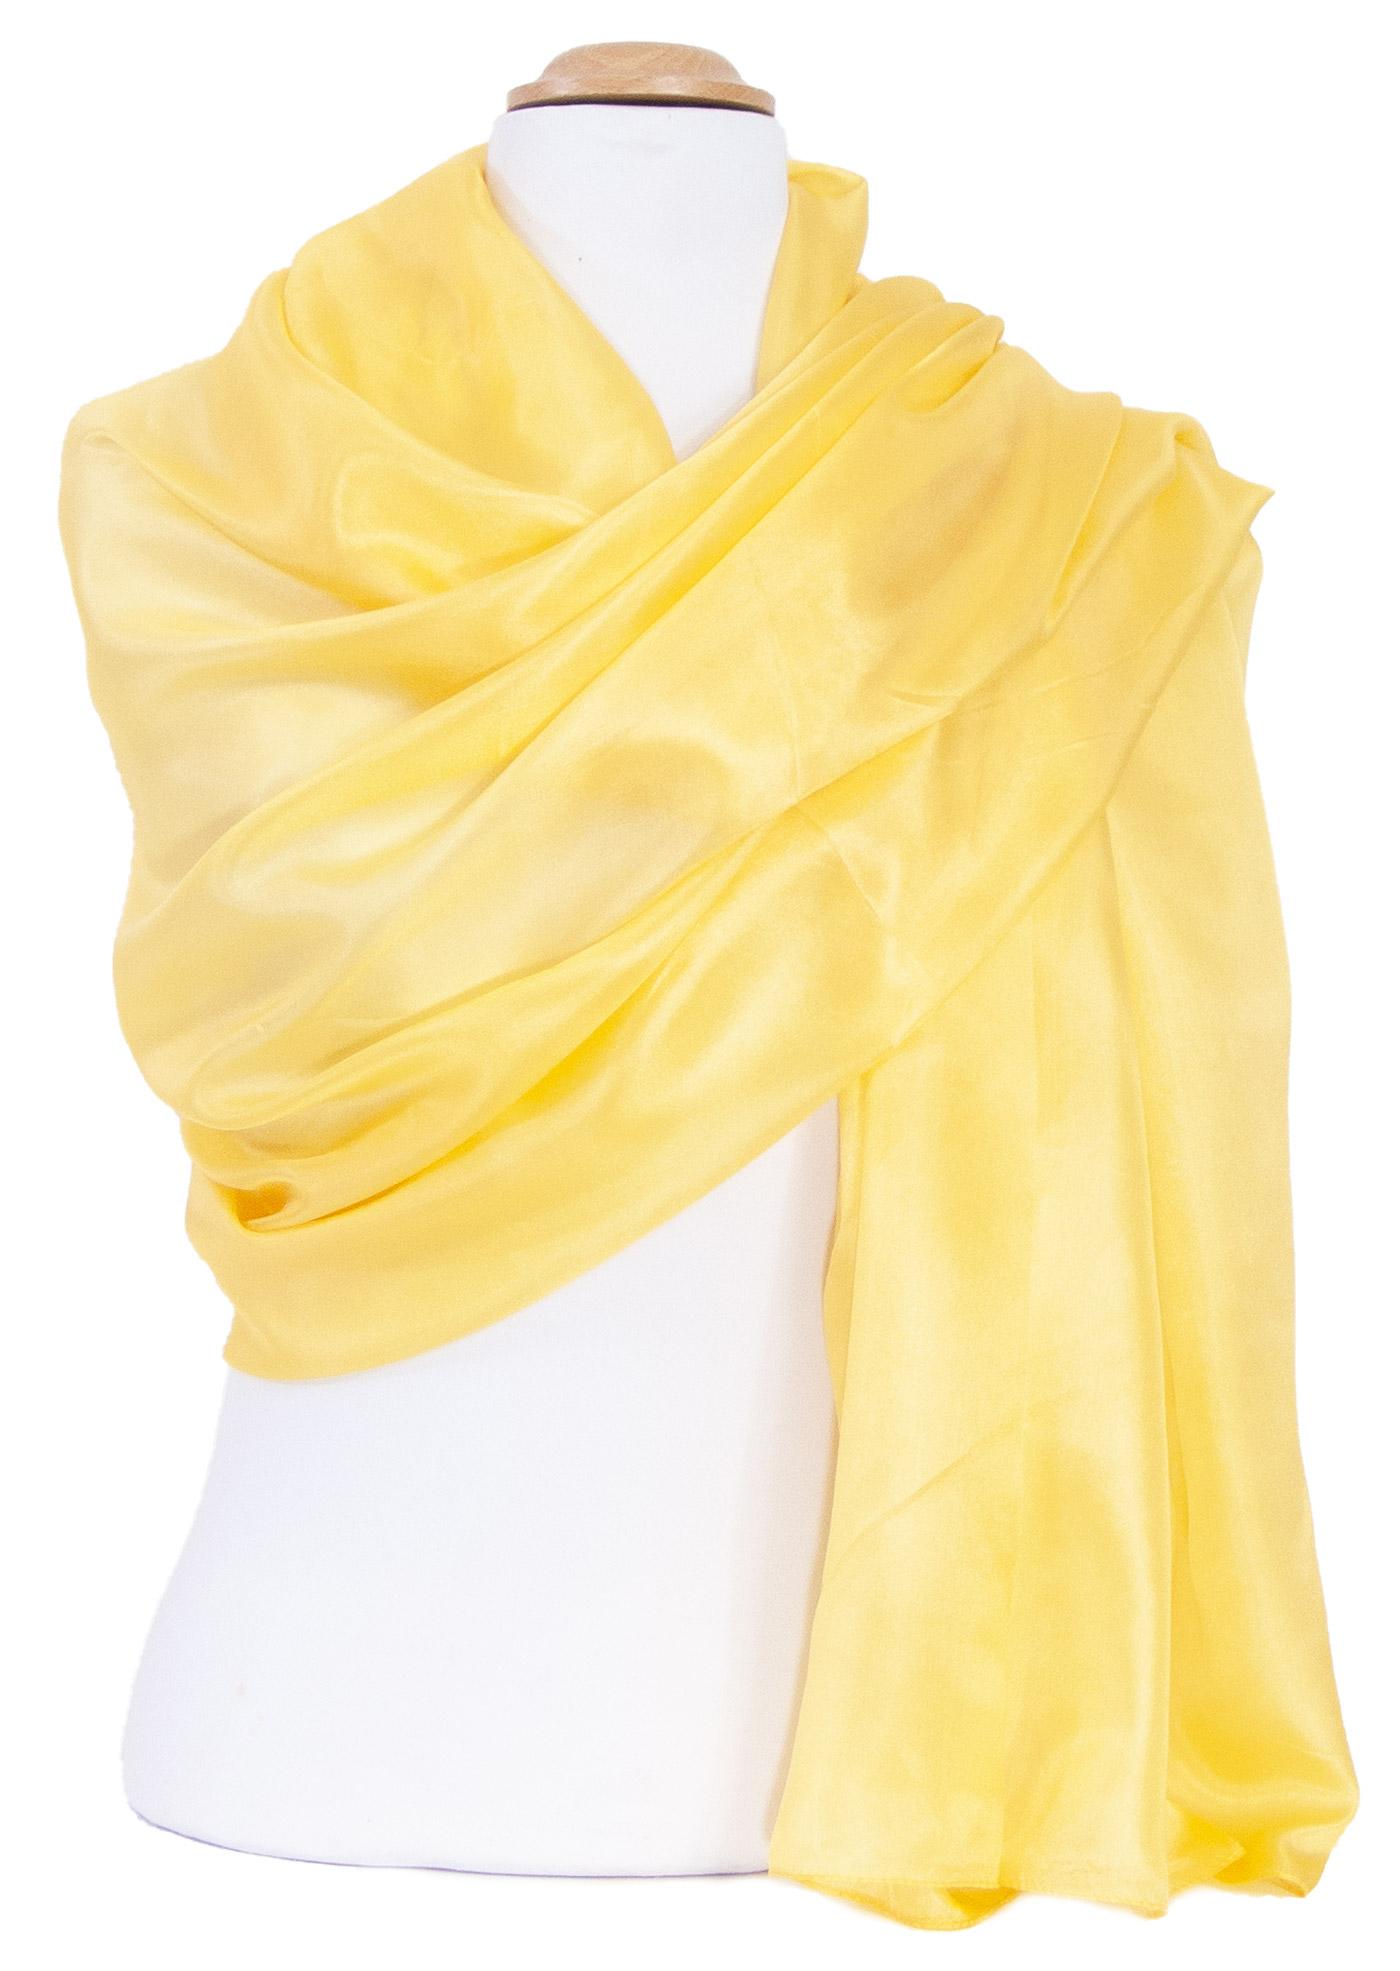 Etole en soie jaune premium